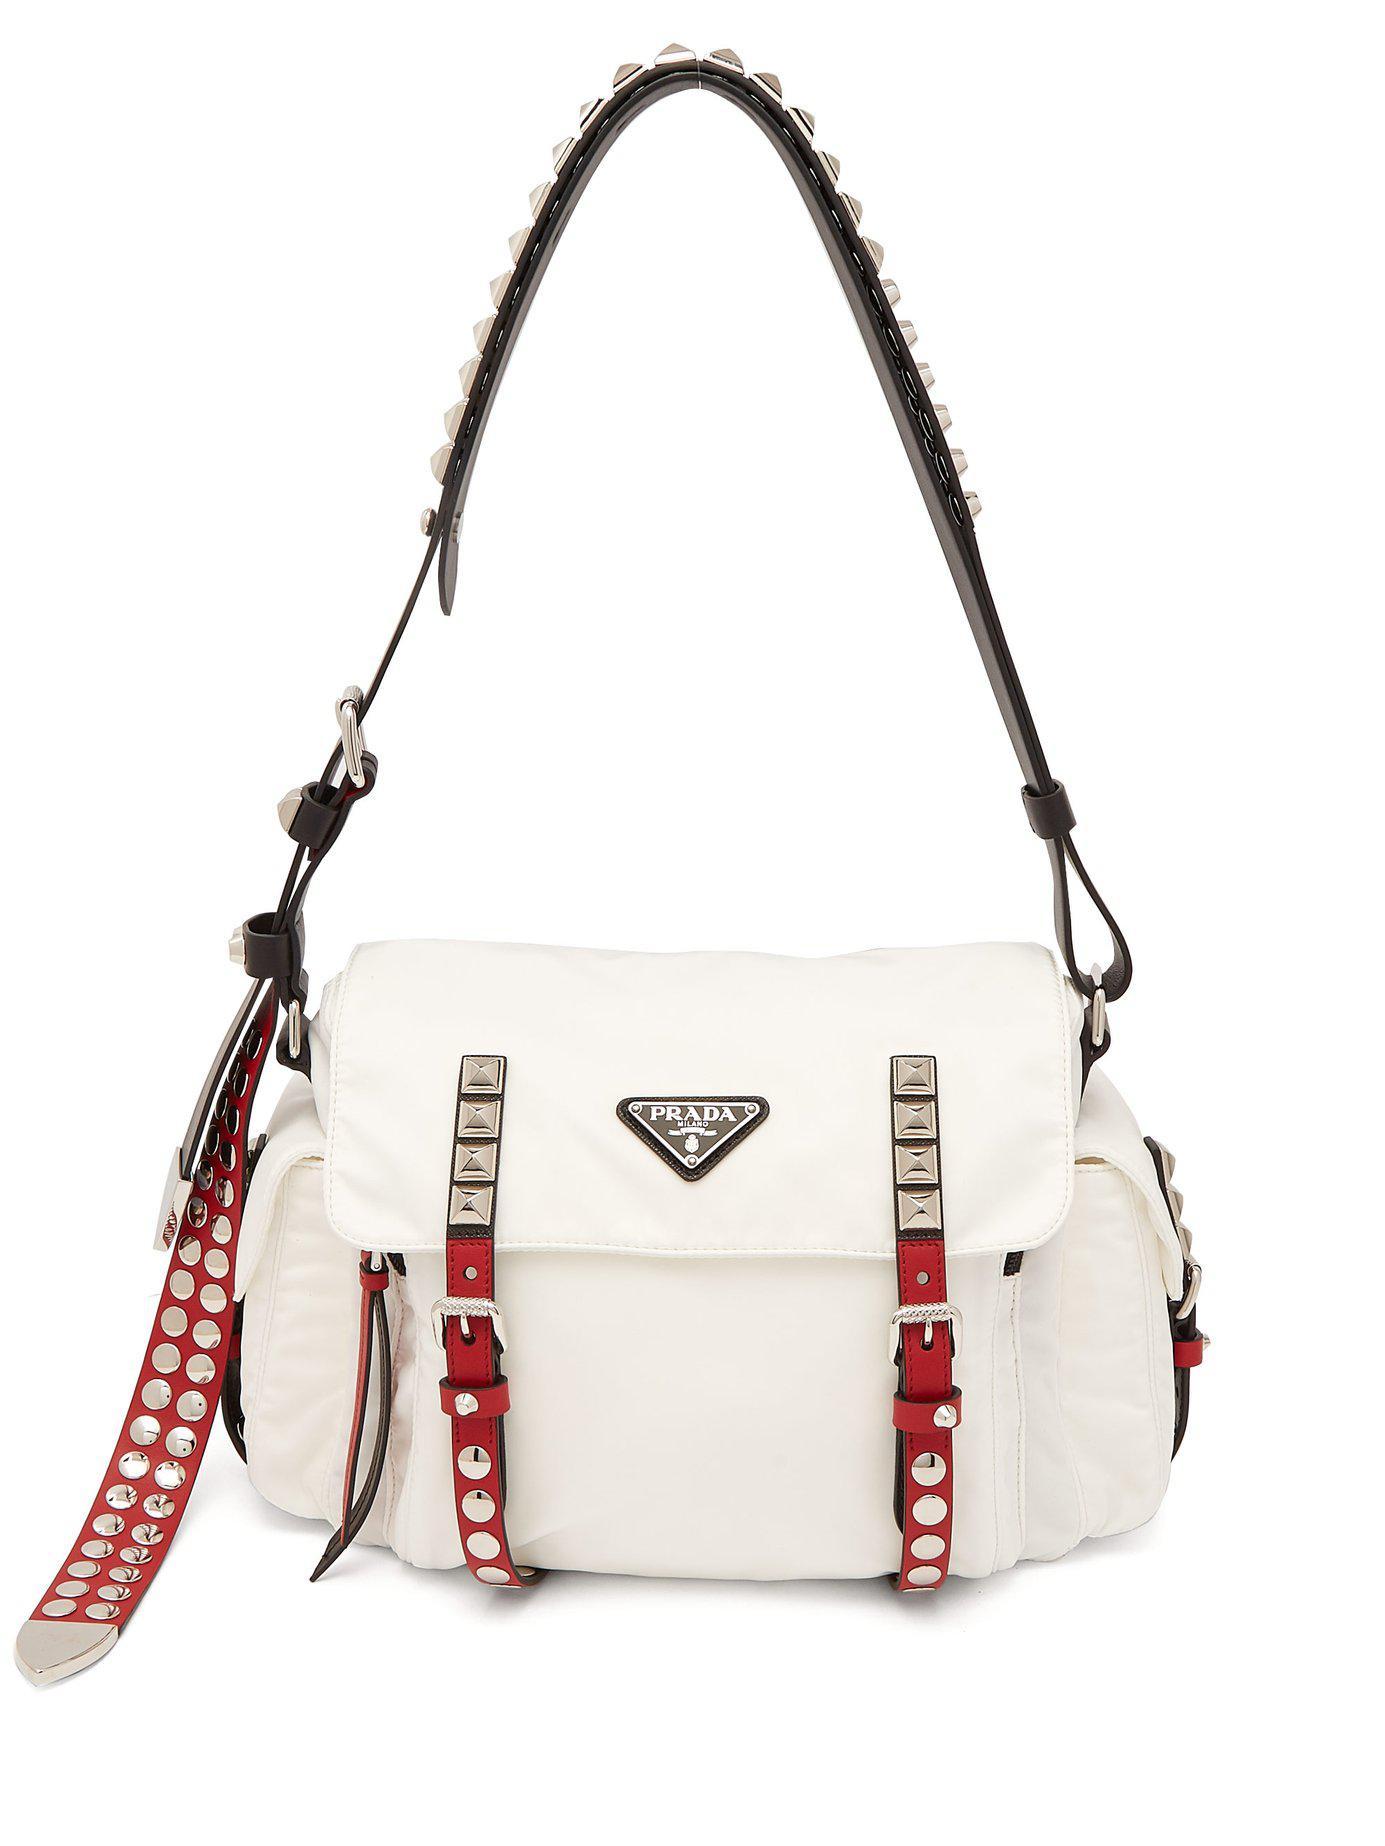 3661b65ee2d9 Prada - White Vela Leather Trimmed Cross Body Bag - Lyst. View fullscreen